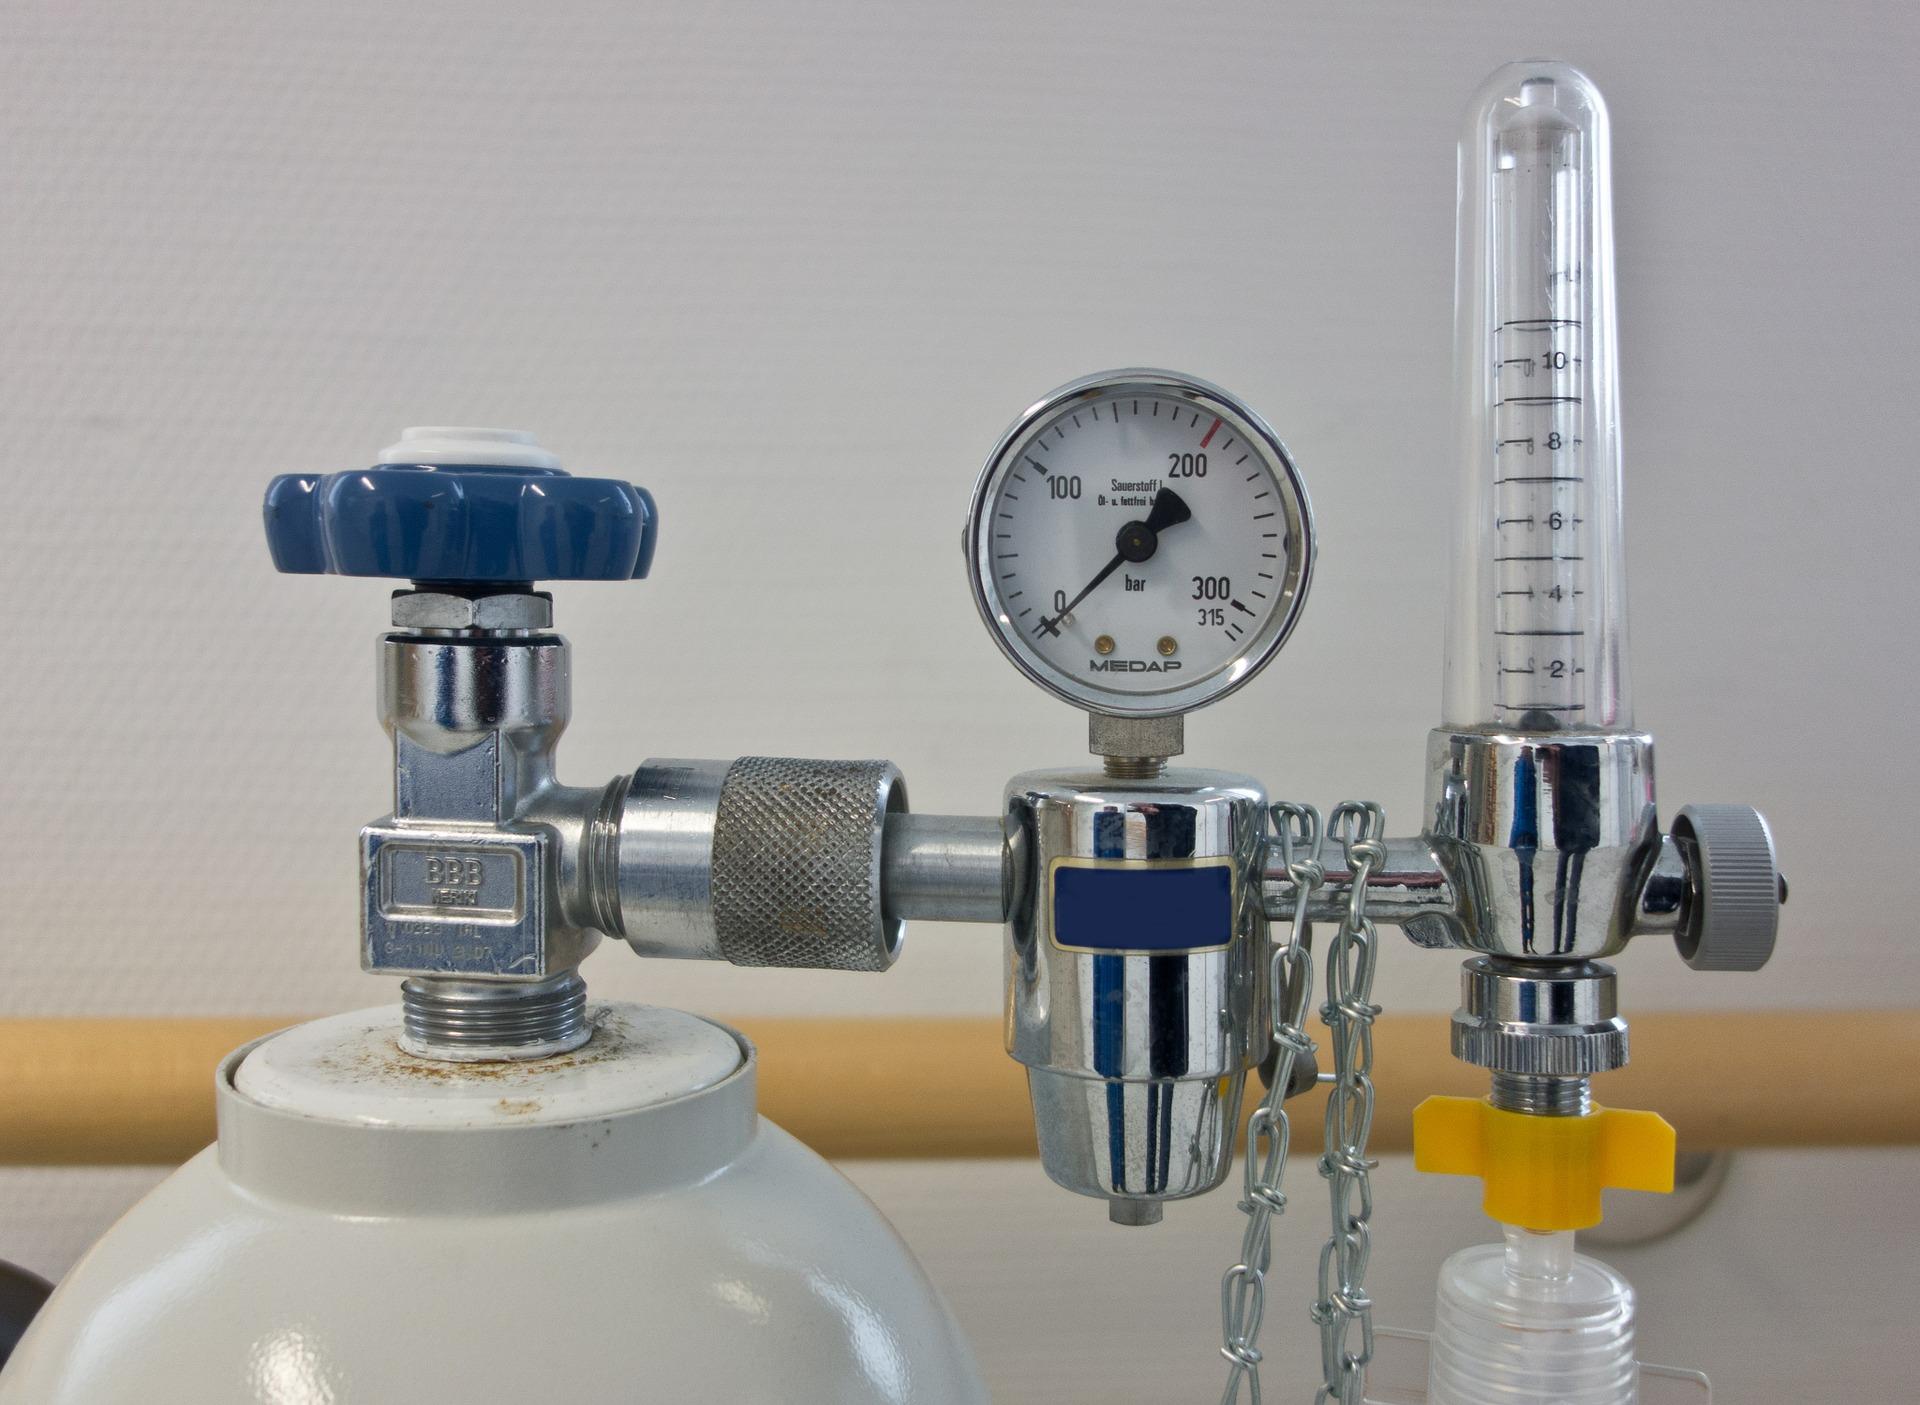 Sauerstoffflasche (Symbolbild)